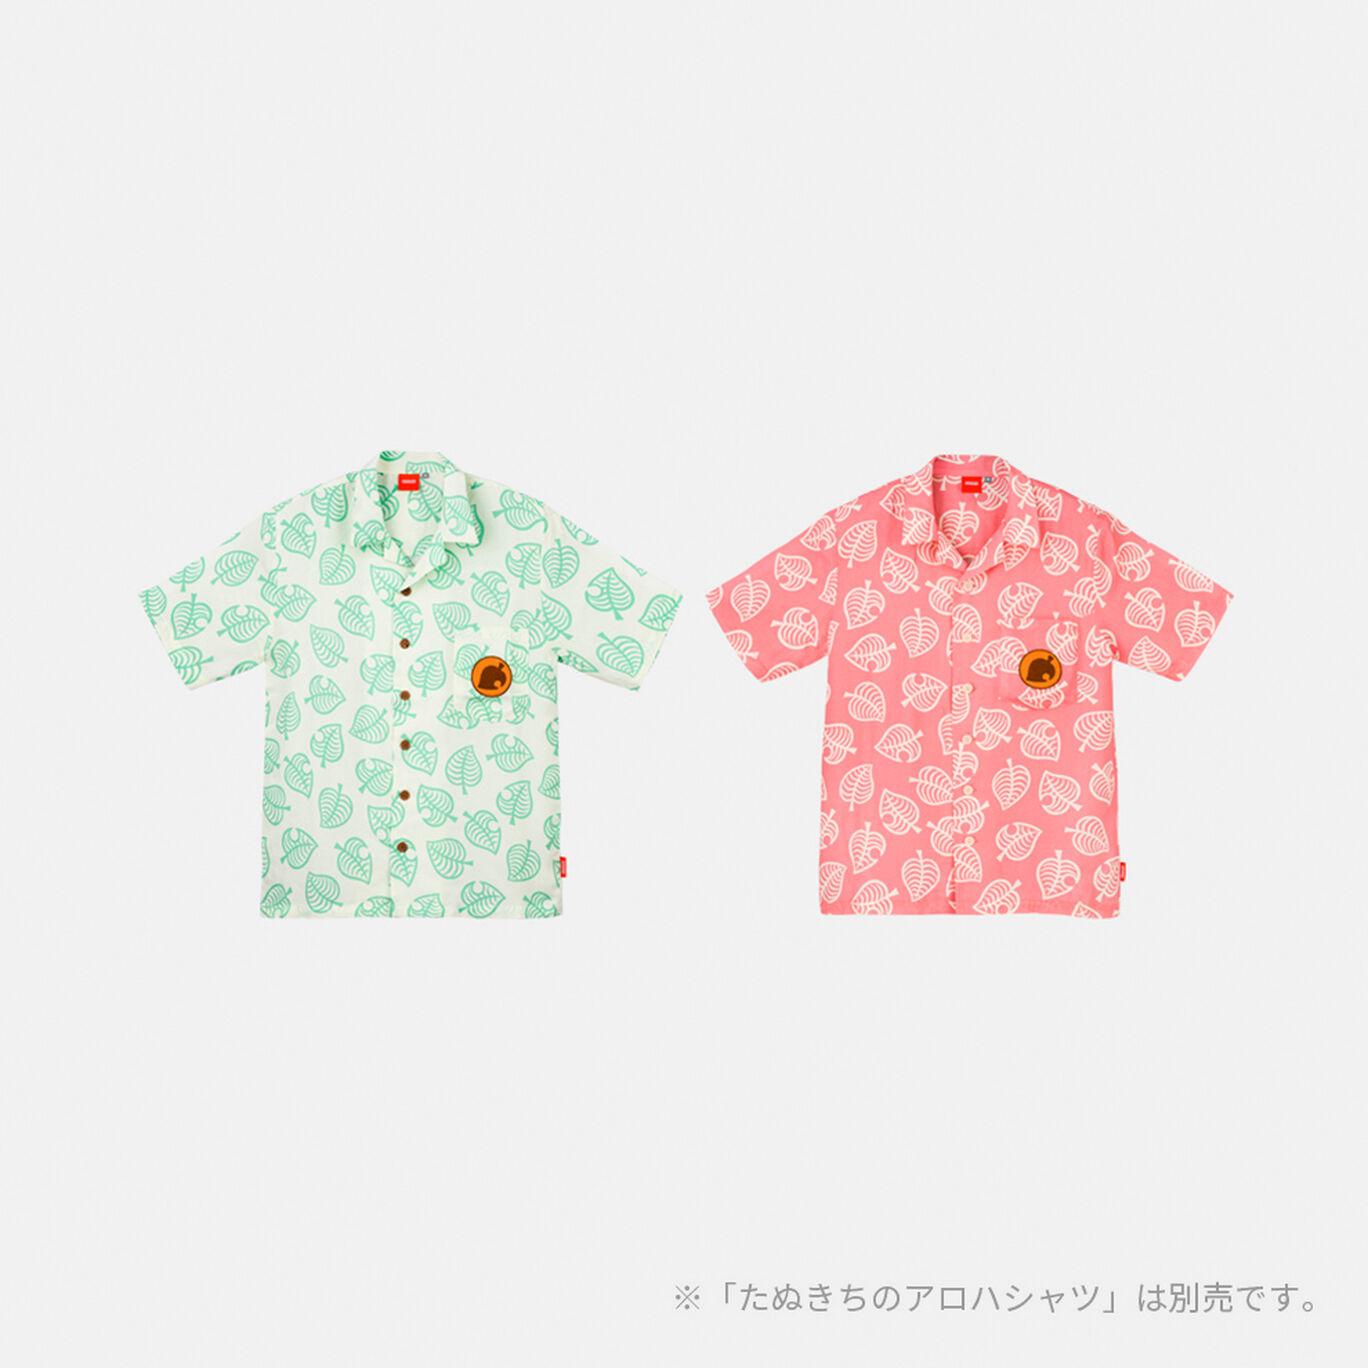 しずえのアロハシャツL あつまれ どうぶつの森【Nintendo TOKYO取り扱い商品】